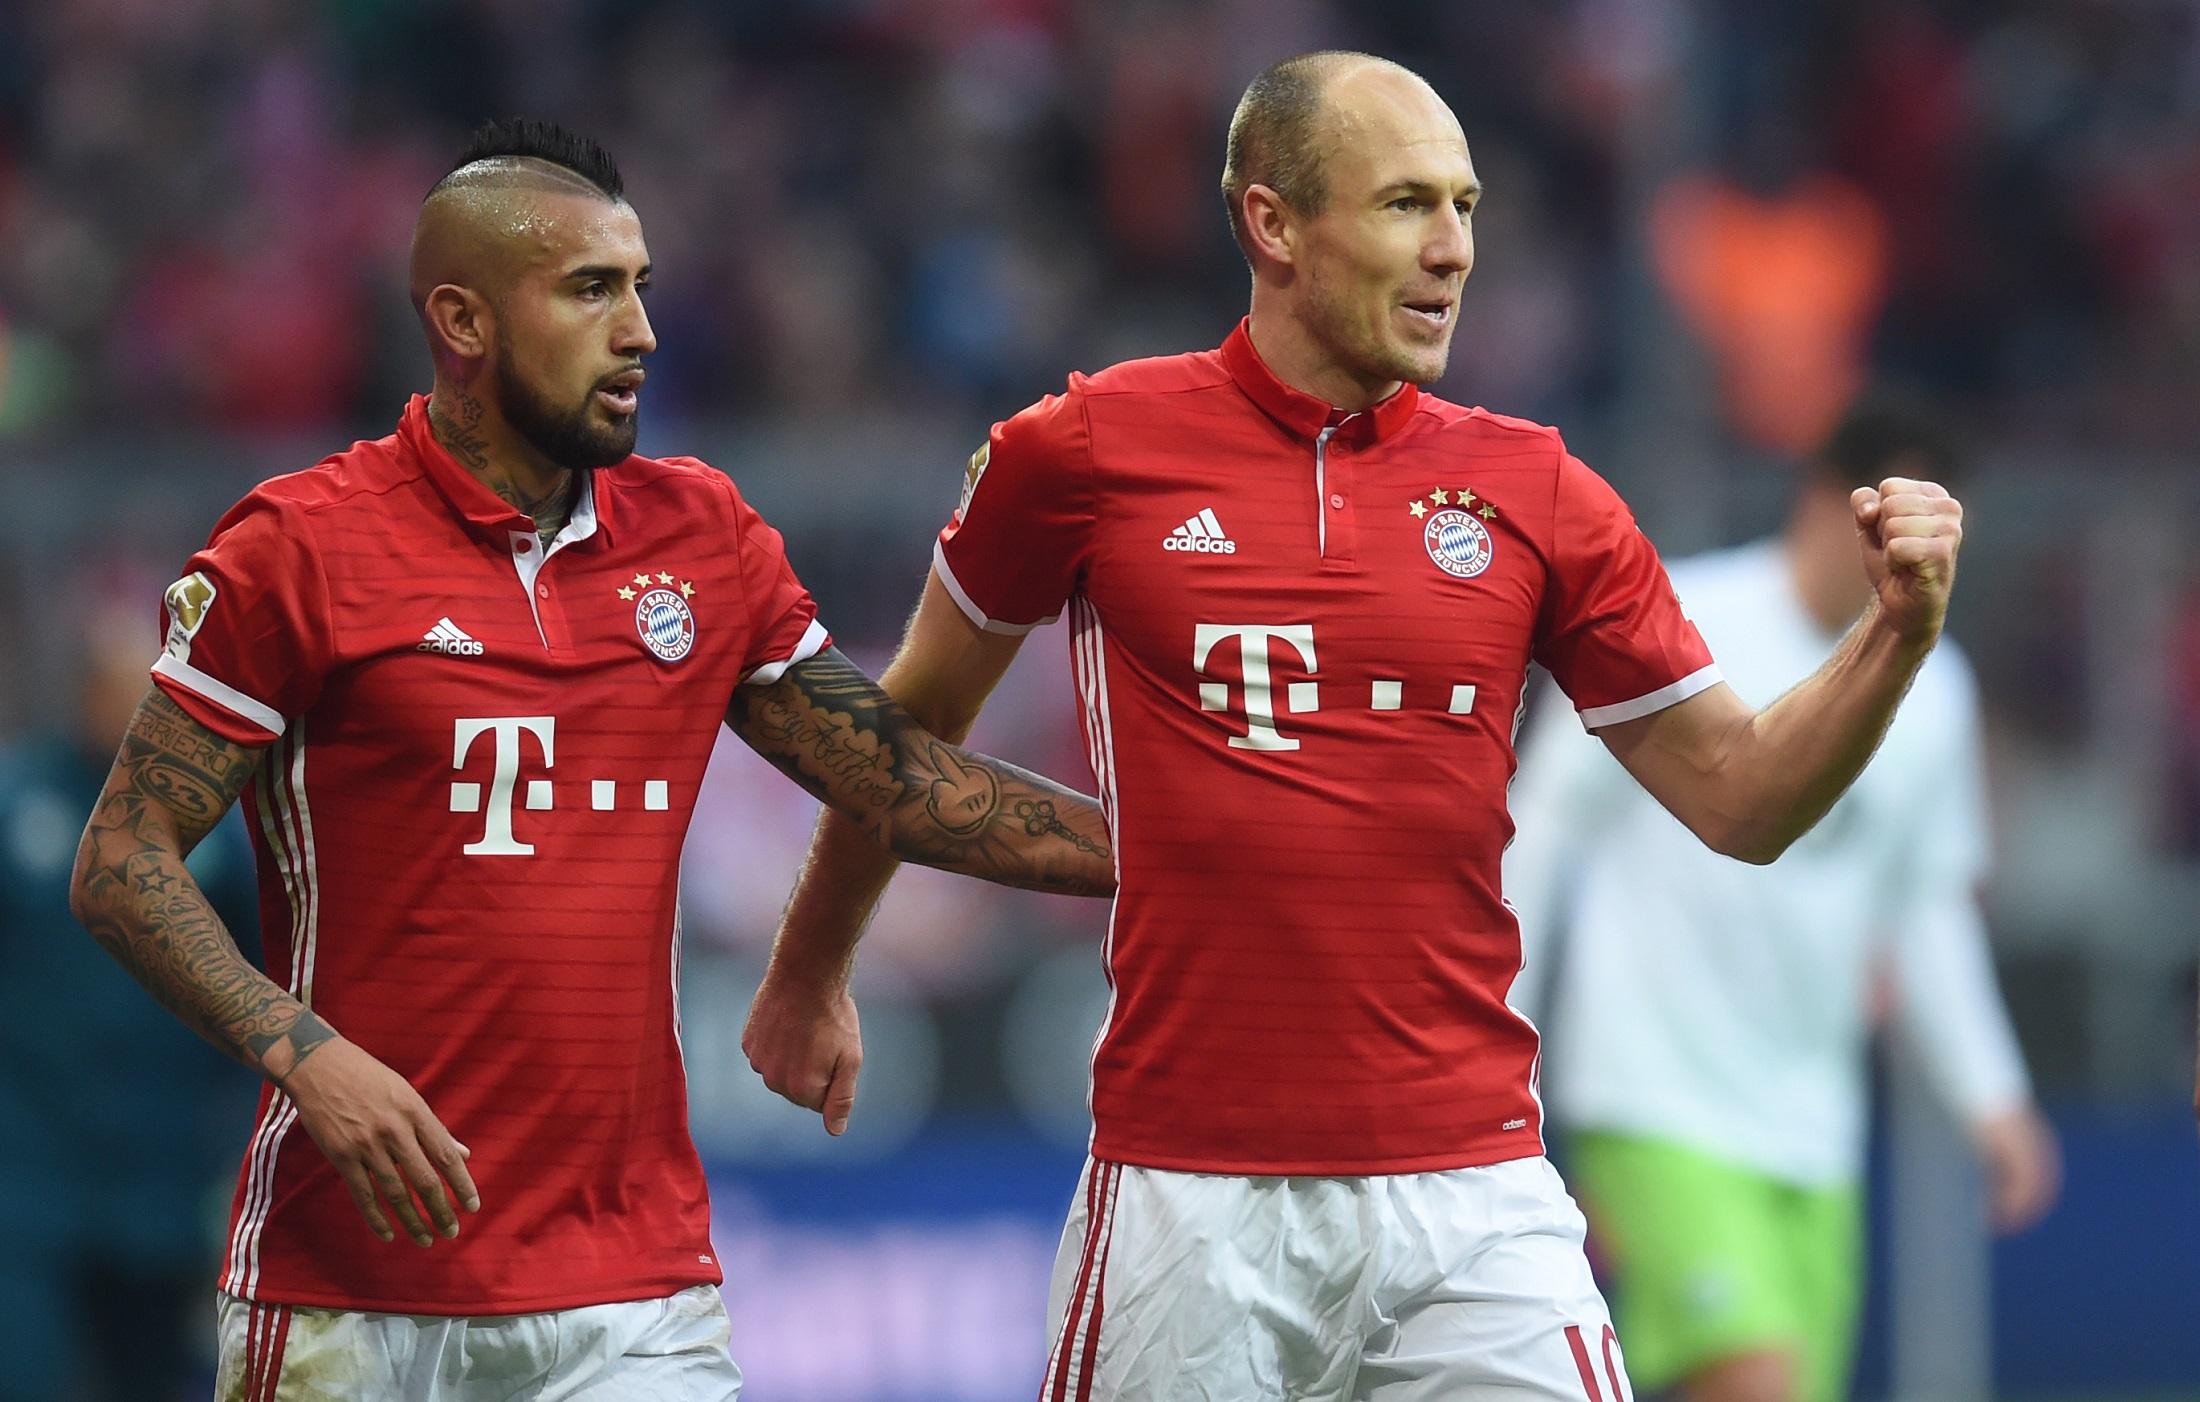 Bayern Múnich vs Leverkusen: pasaron los tiempos del otro Bayer